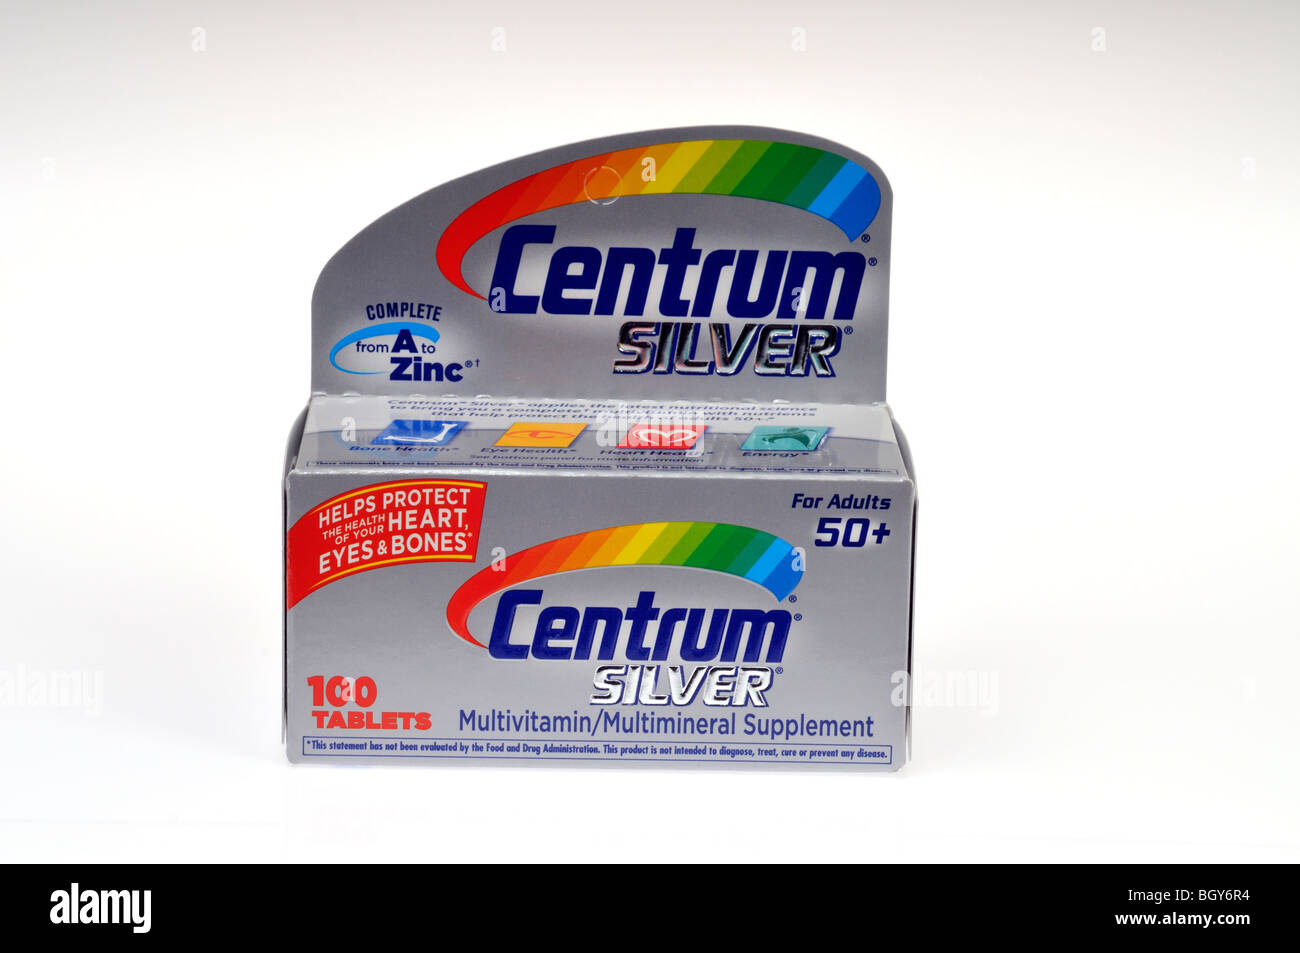 Centrum Silber Multivitamine in einer Verpackung auf weißem Hintergrund, Ausschnitt Stockbild